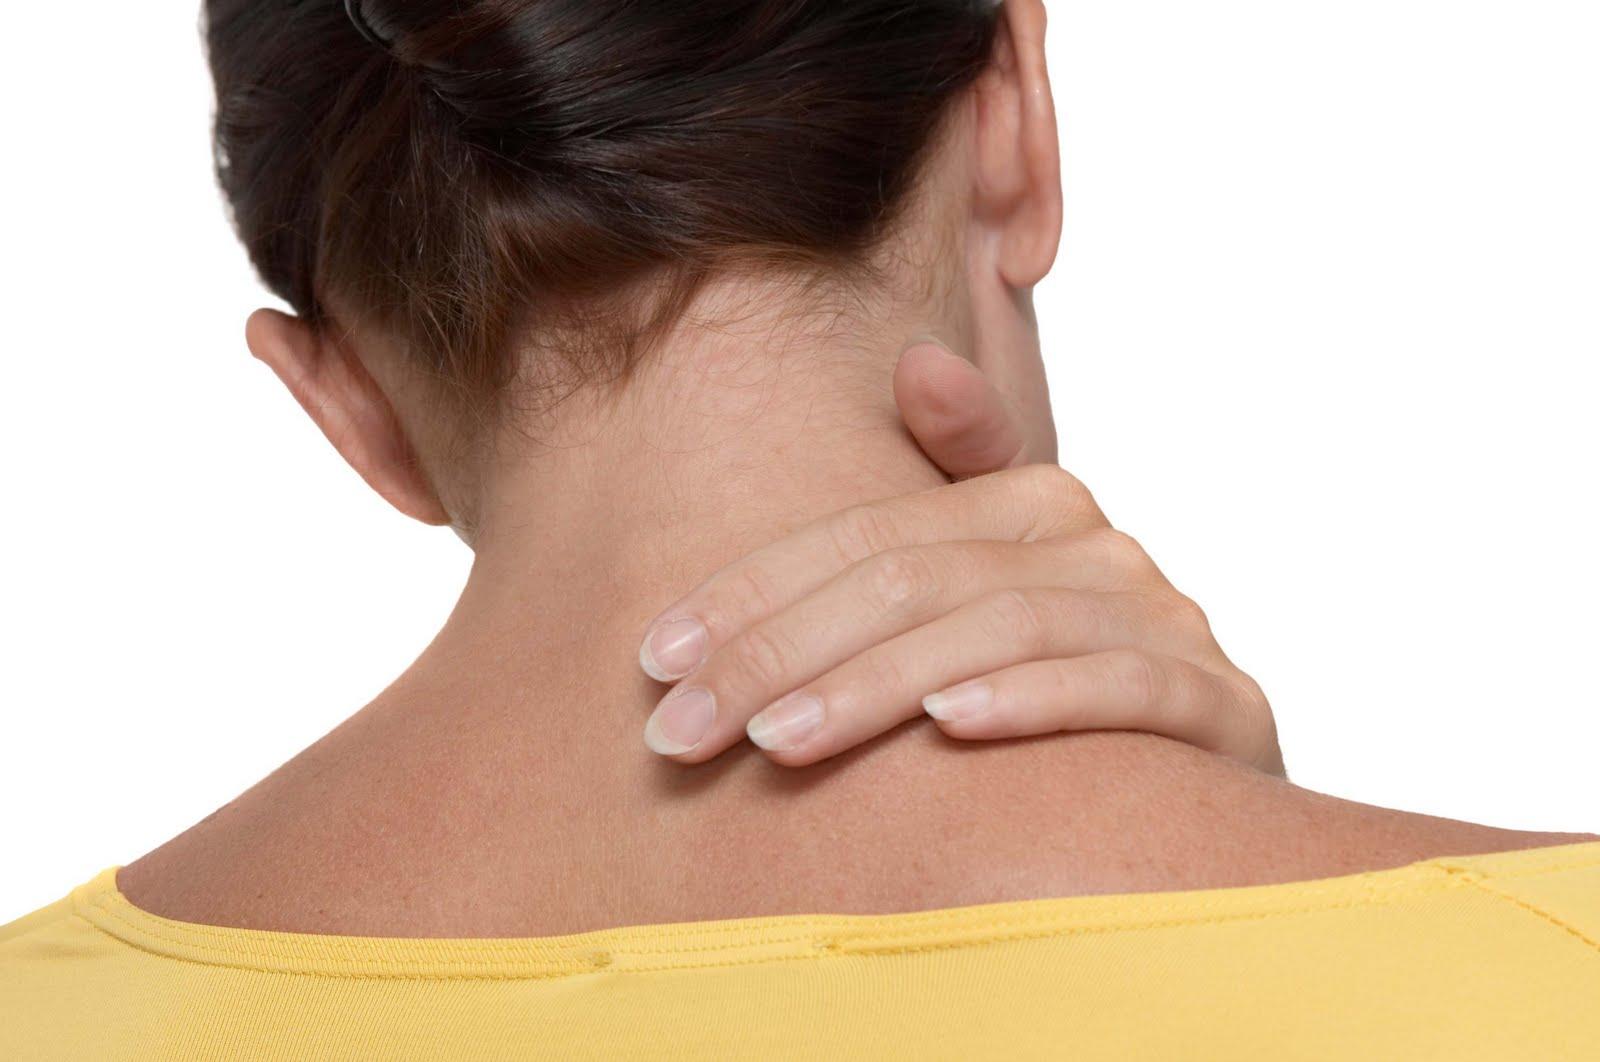 Не проходит шейный остеохондроз что делать